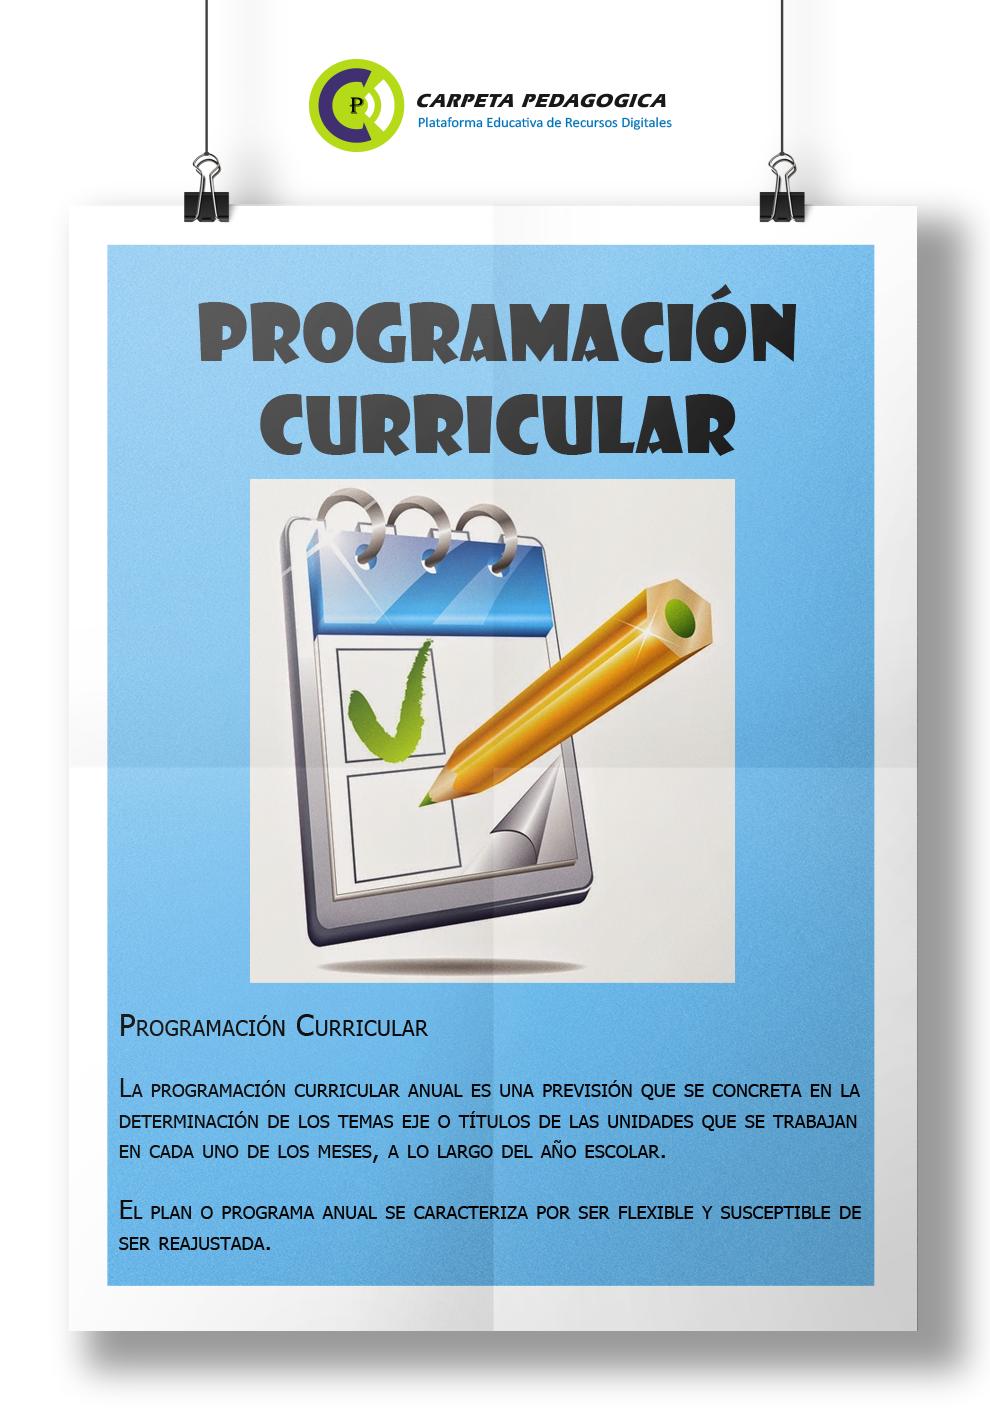 Carpeta pedagogica de inicial 2016 for Programa curricular de educacion inicial